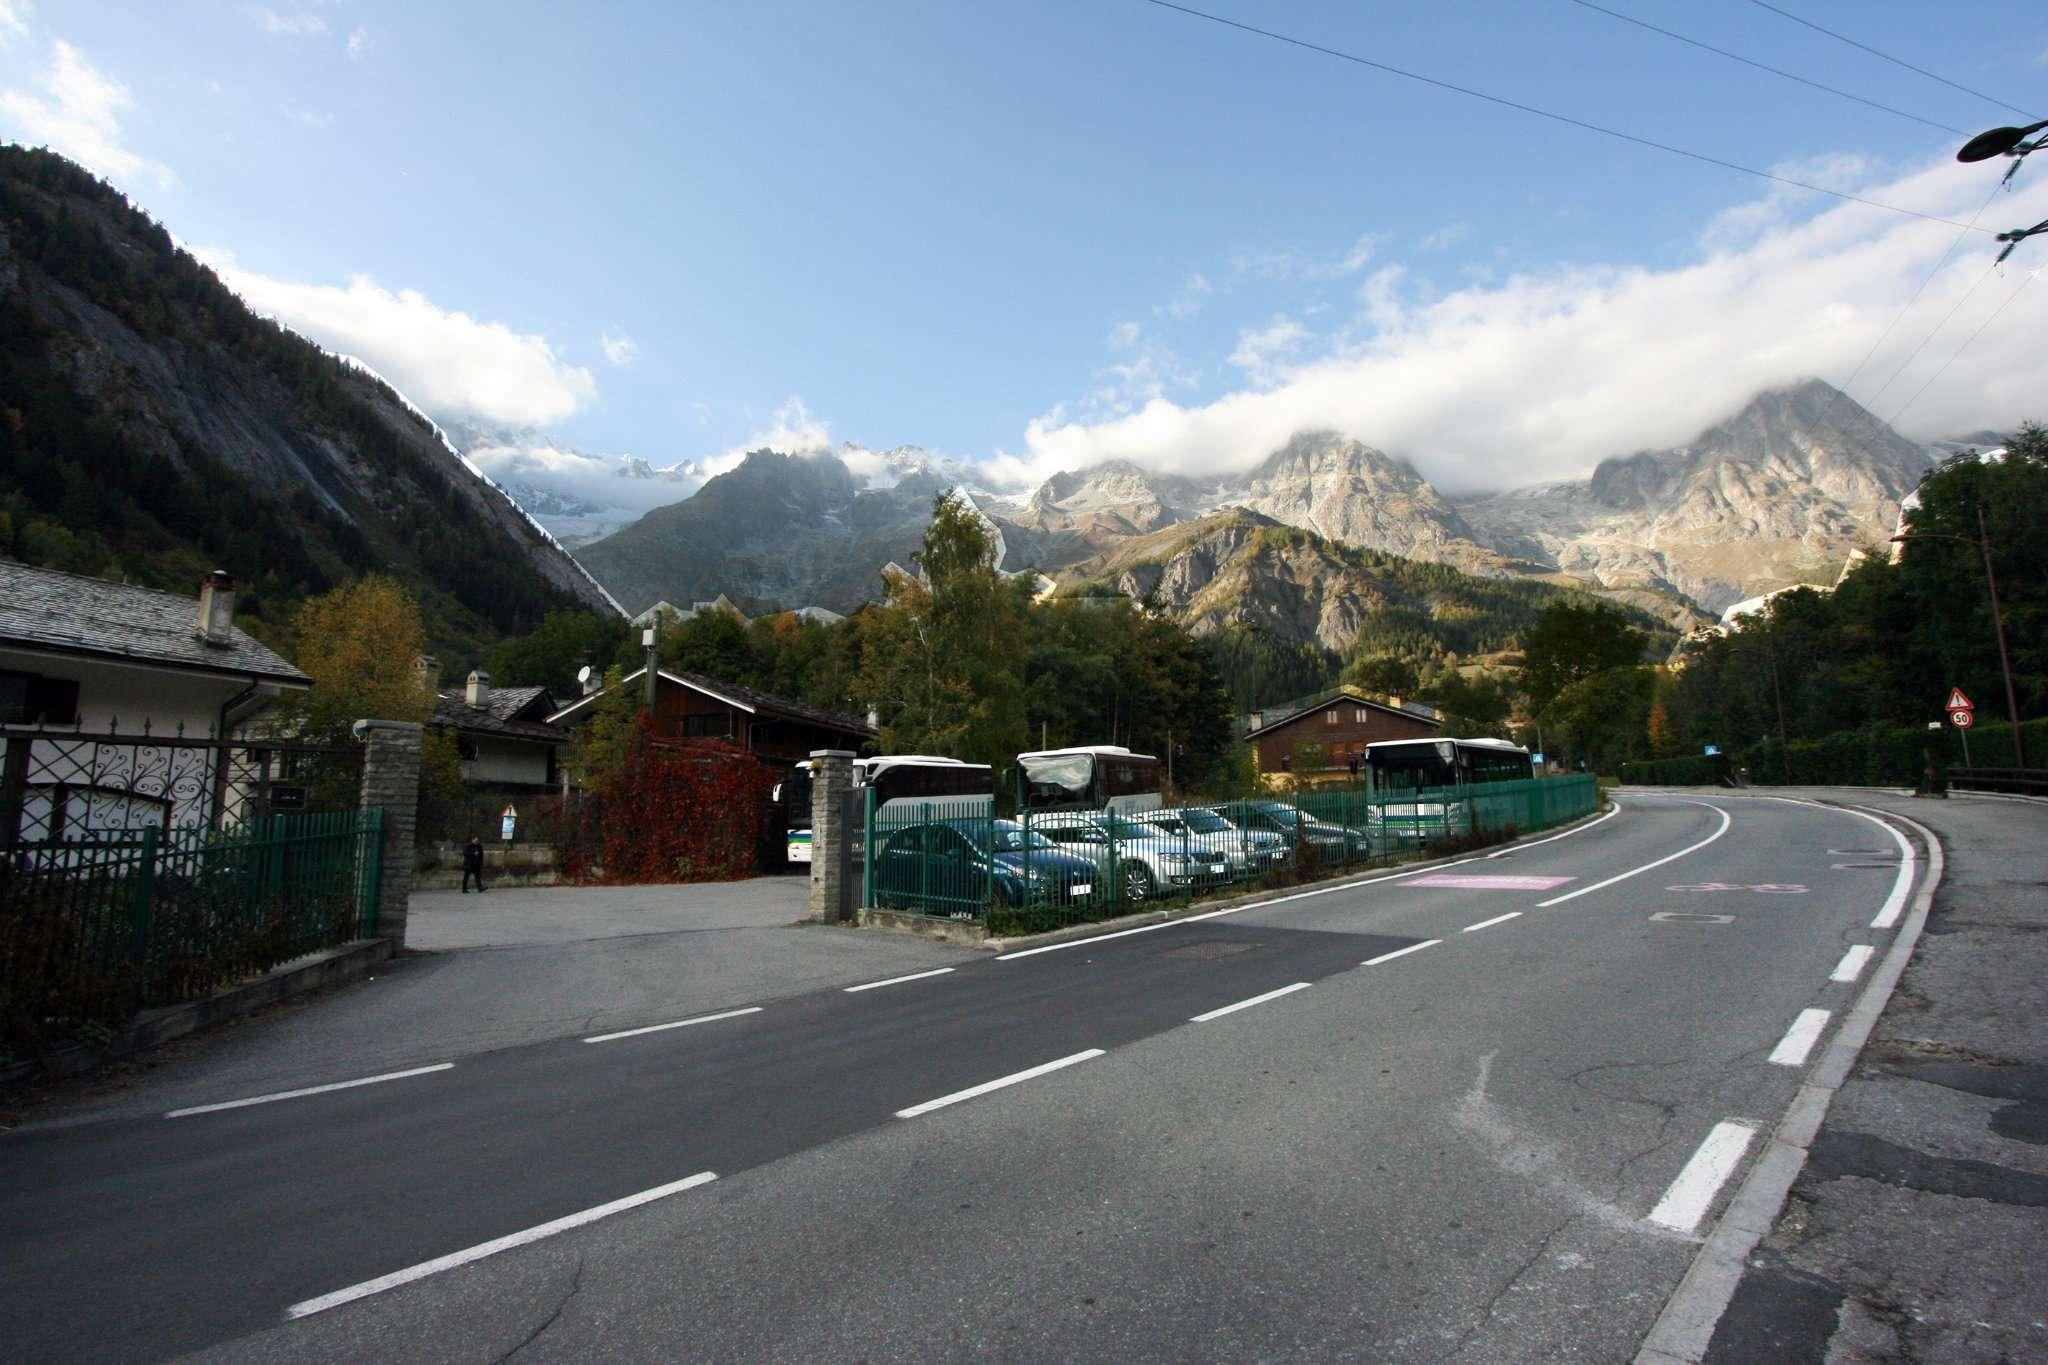 Terreno Edificabile Residenziale in vendita a Courmayeur, 10 locali, prezzo € 550.000 | PortaleAgenzieImmobiliari.it